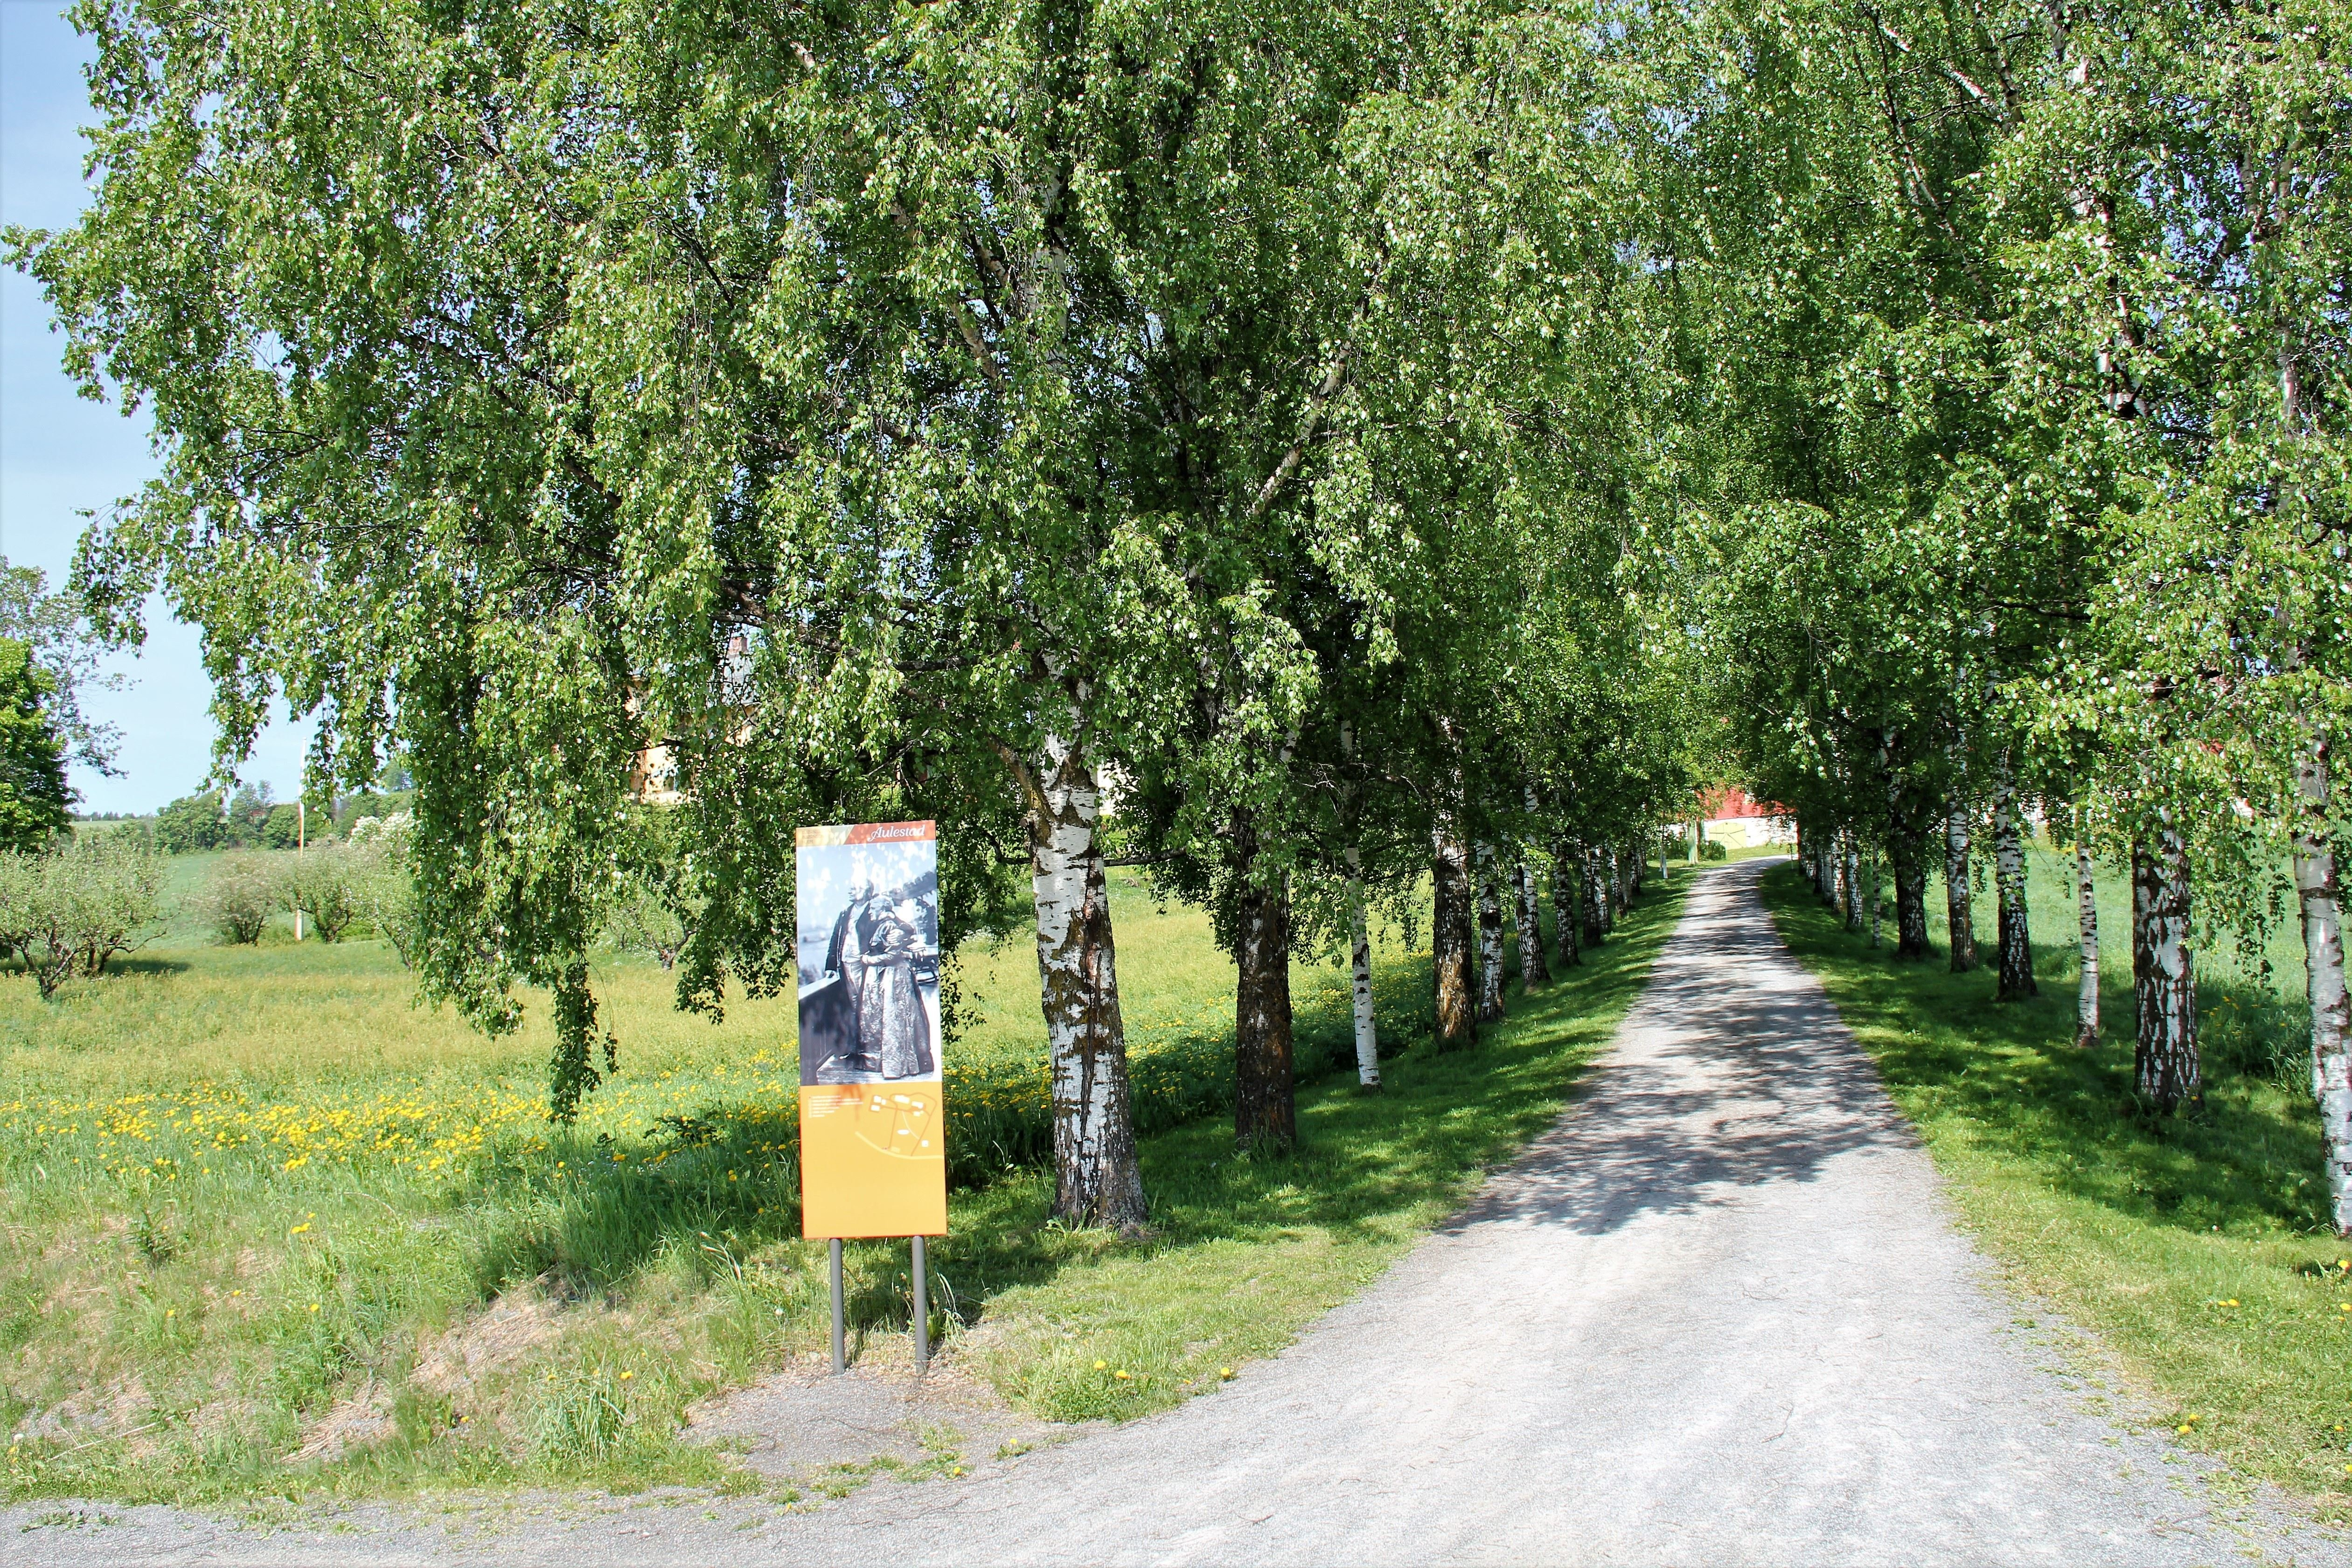 Bjørnsons road